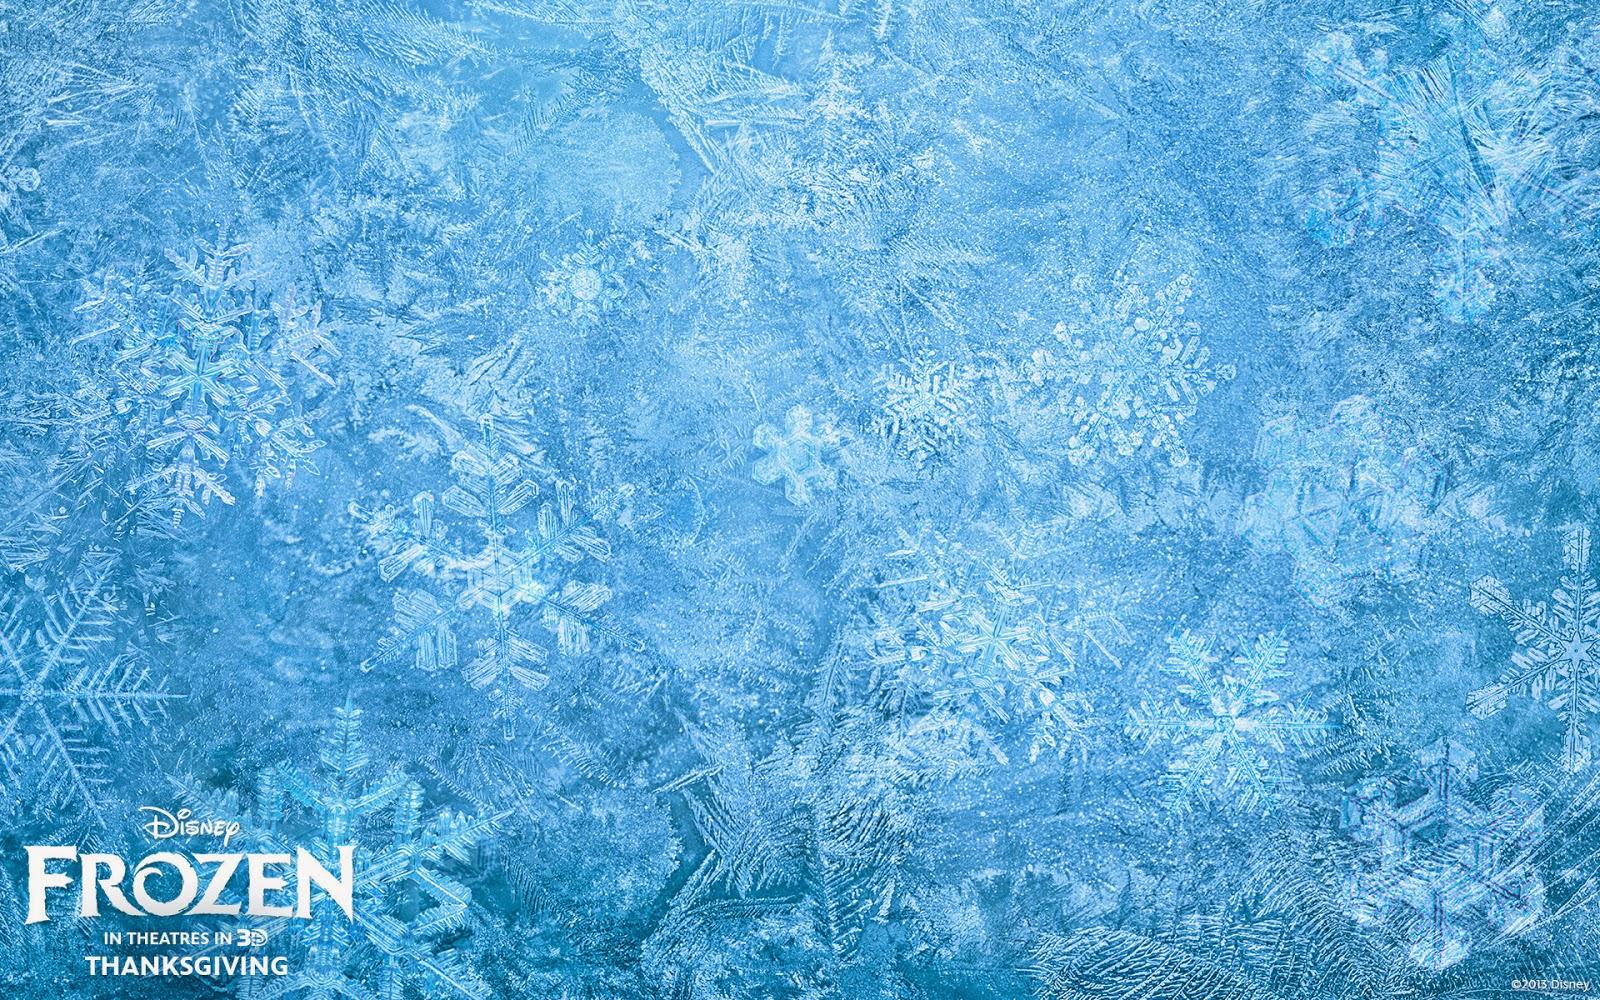 fondo de pantalla de nieve frozen